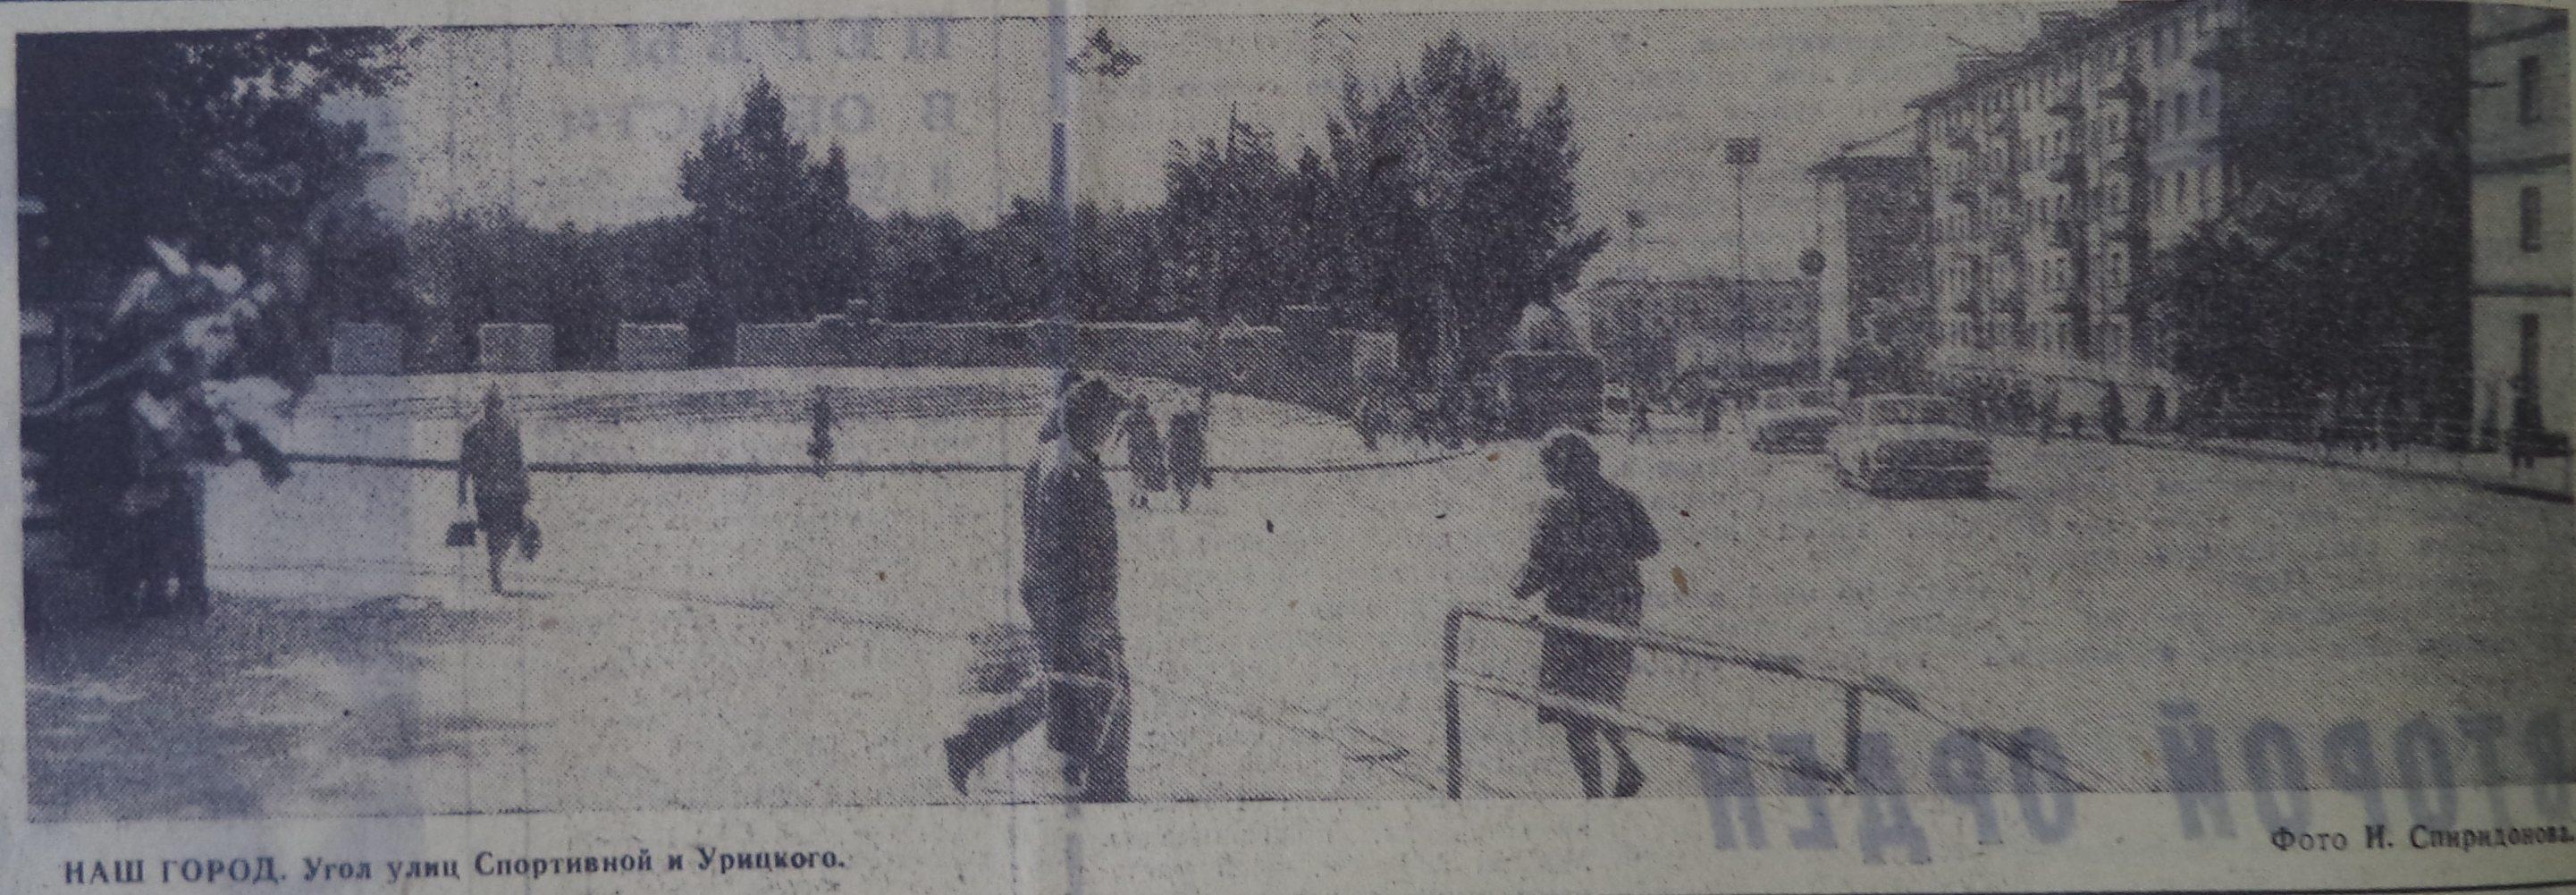 Спортивная-ФОТО-37-ВЗя-1974-08-20-фото Спорт.-Уриц. у парка-min